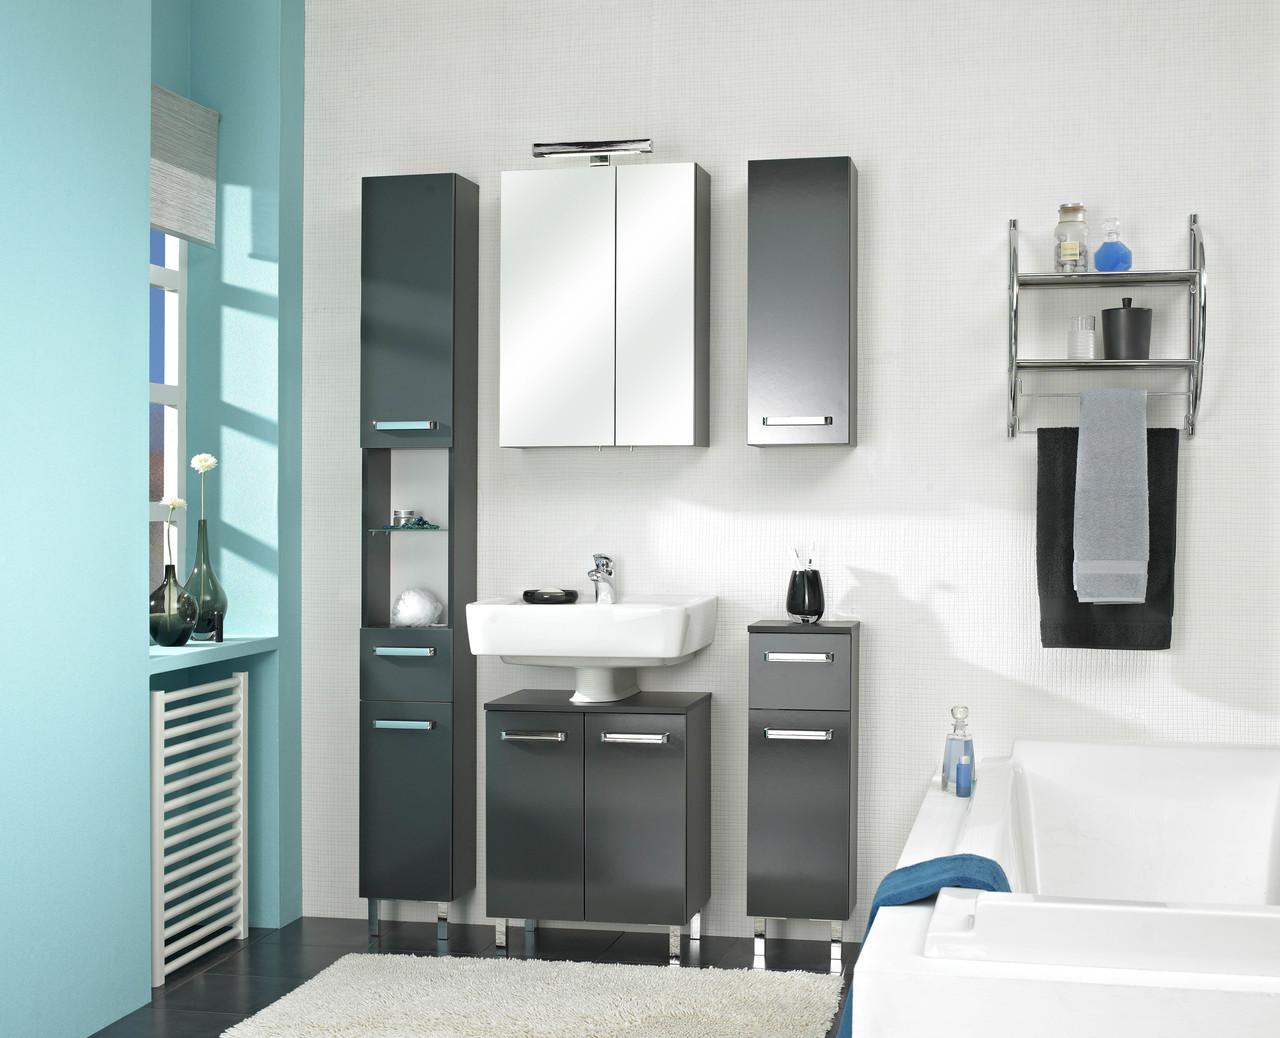 311 mainz quickset badm bel marken badm bel von der nr 1 pelipal. Black Bedroom Furniture Sets. Home Design Ideas